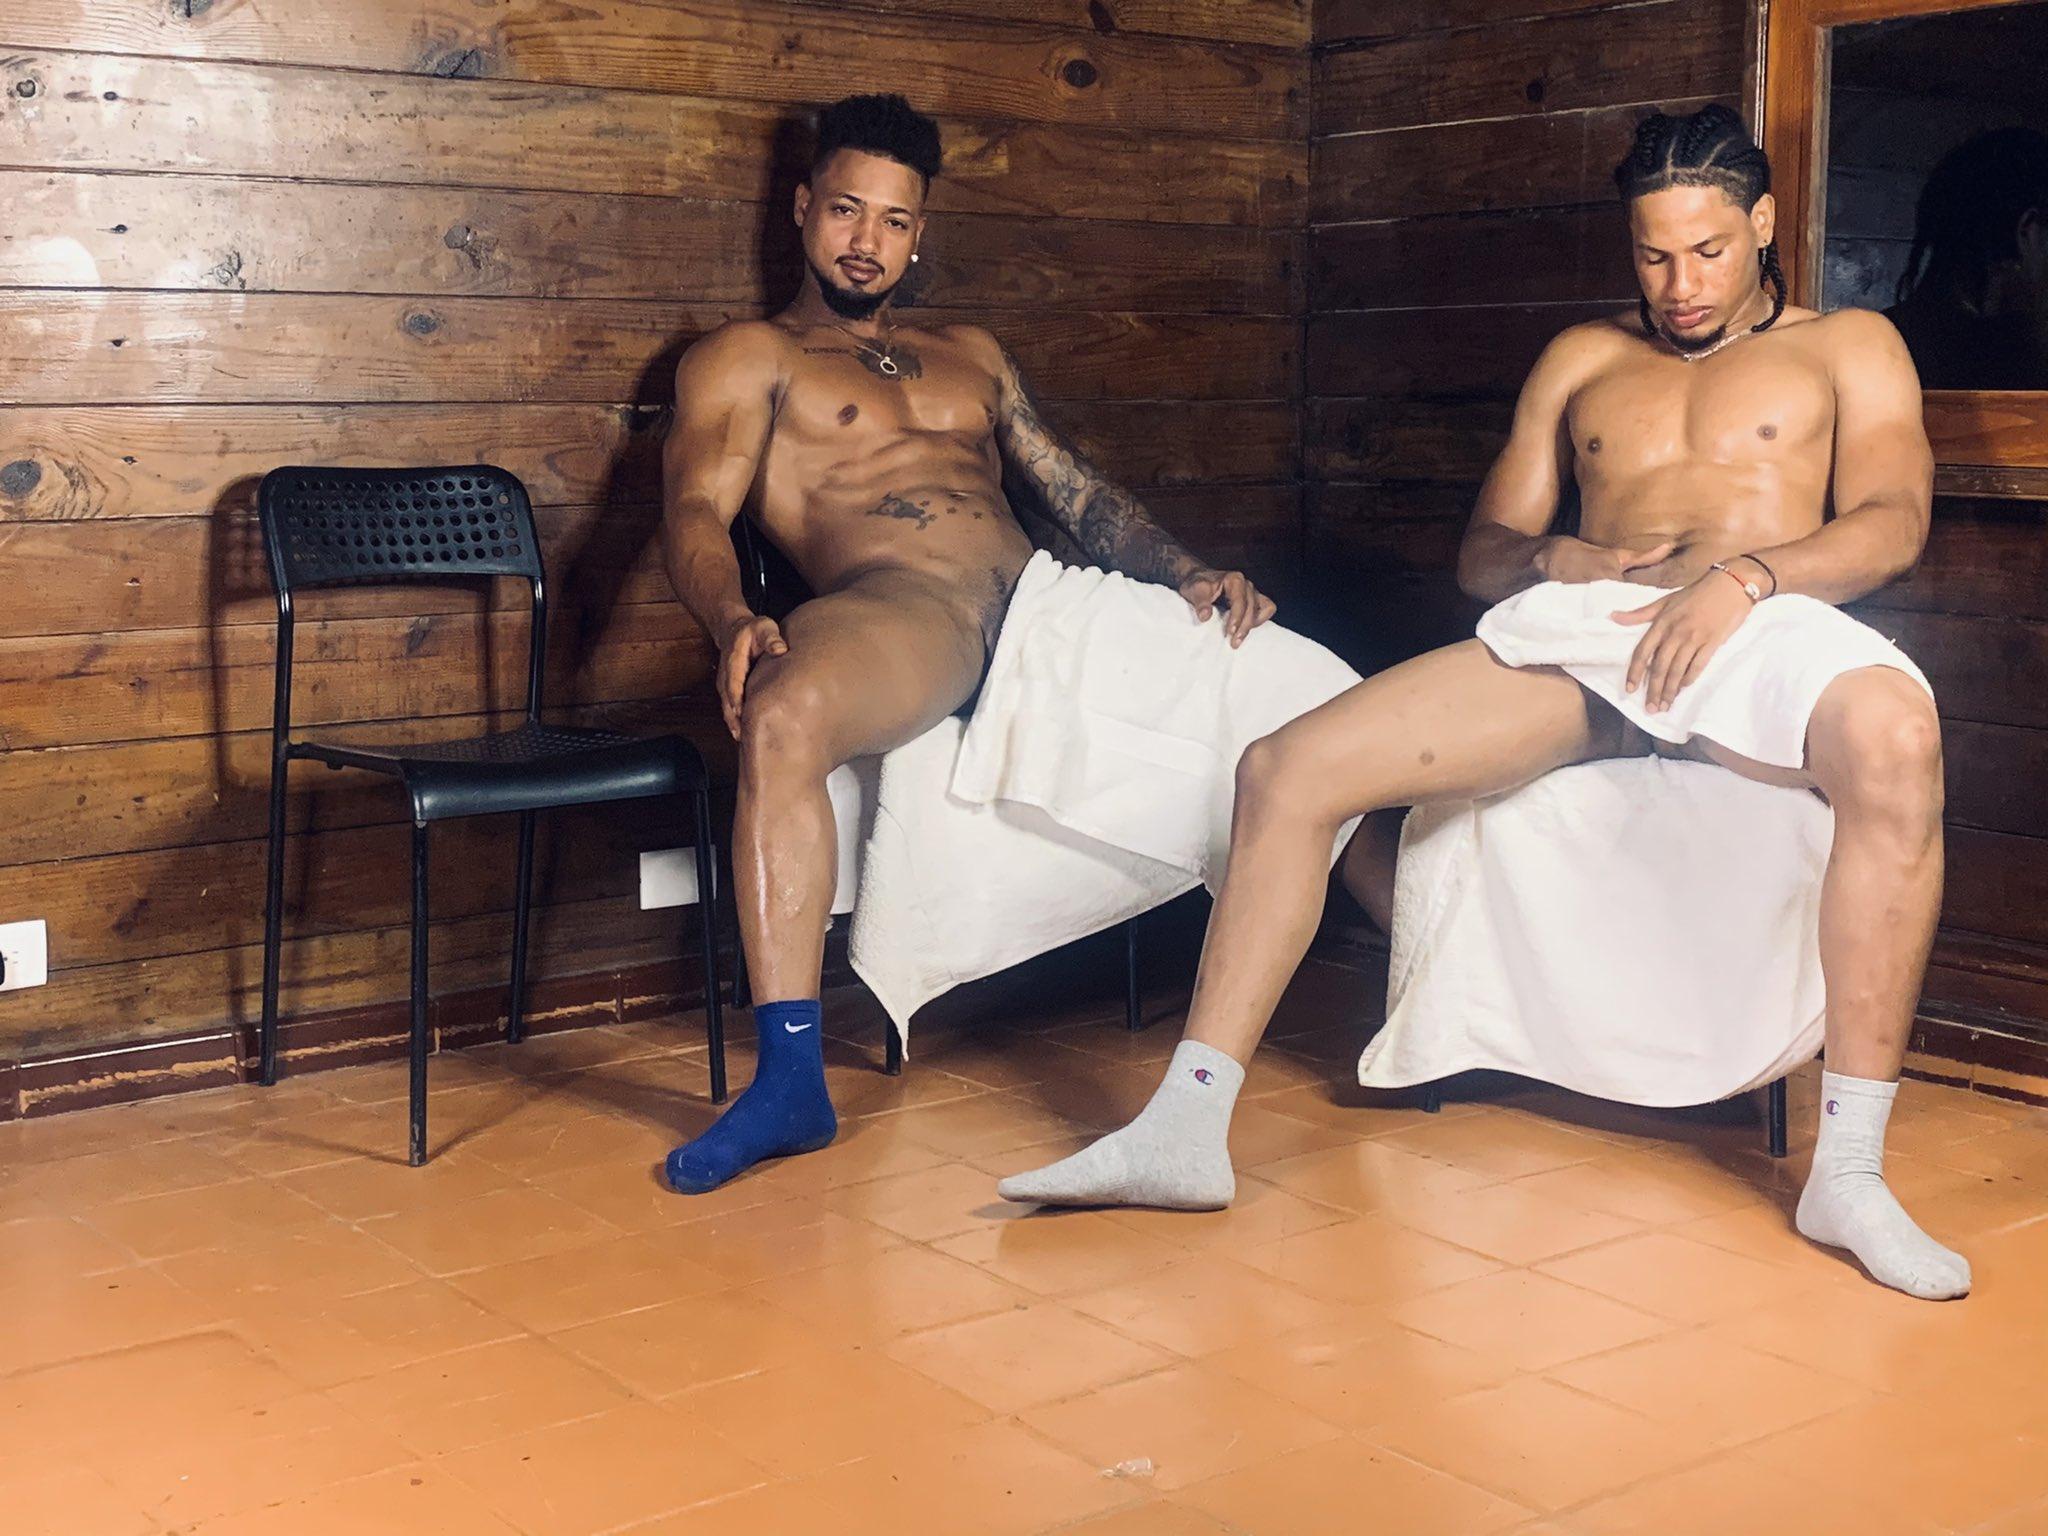 machos sin calzoncillos en el sauna